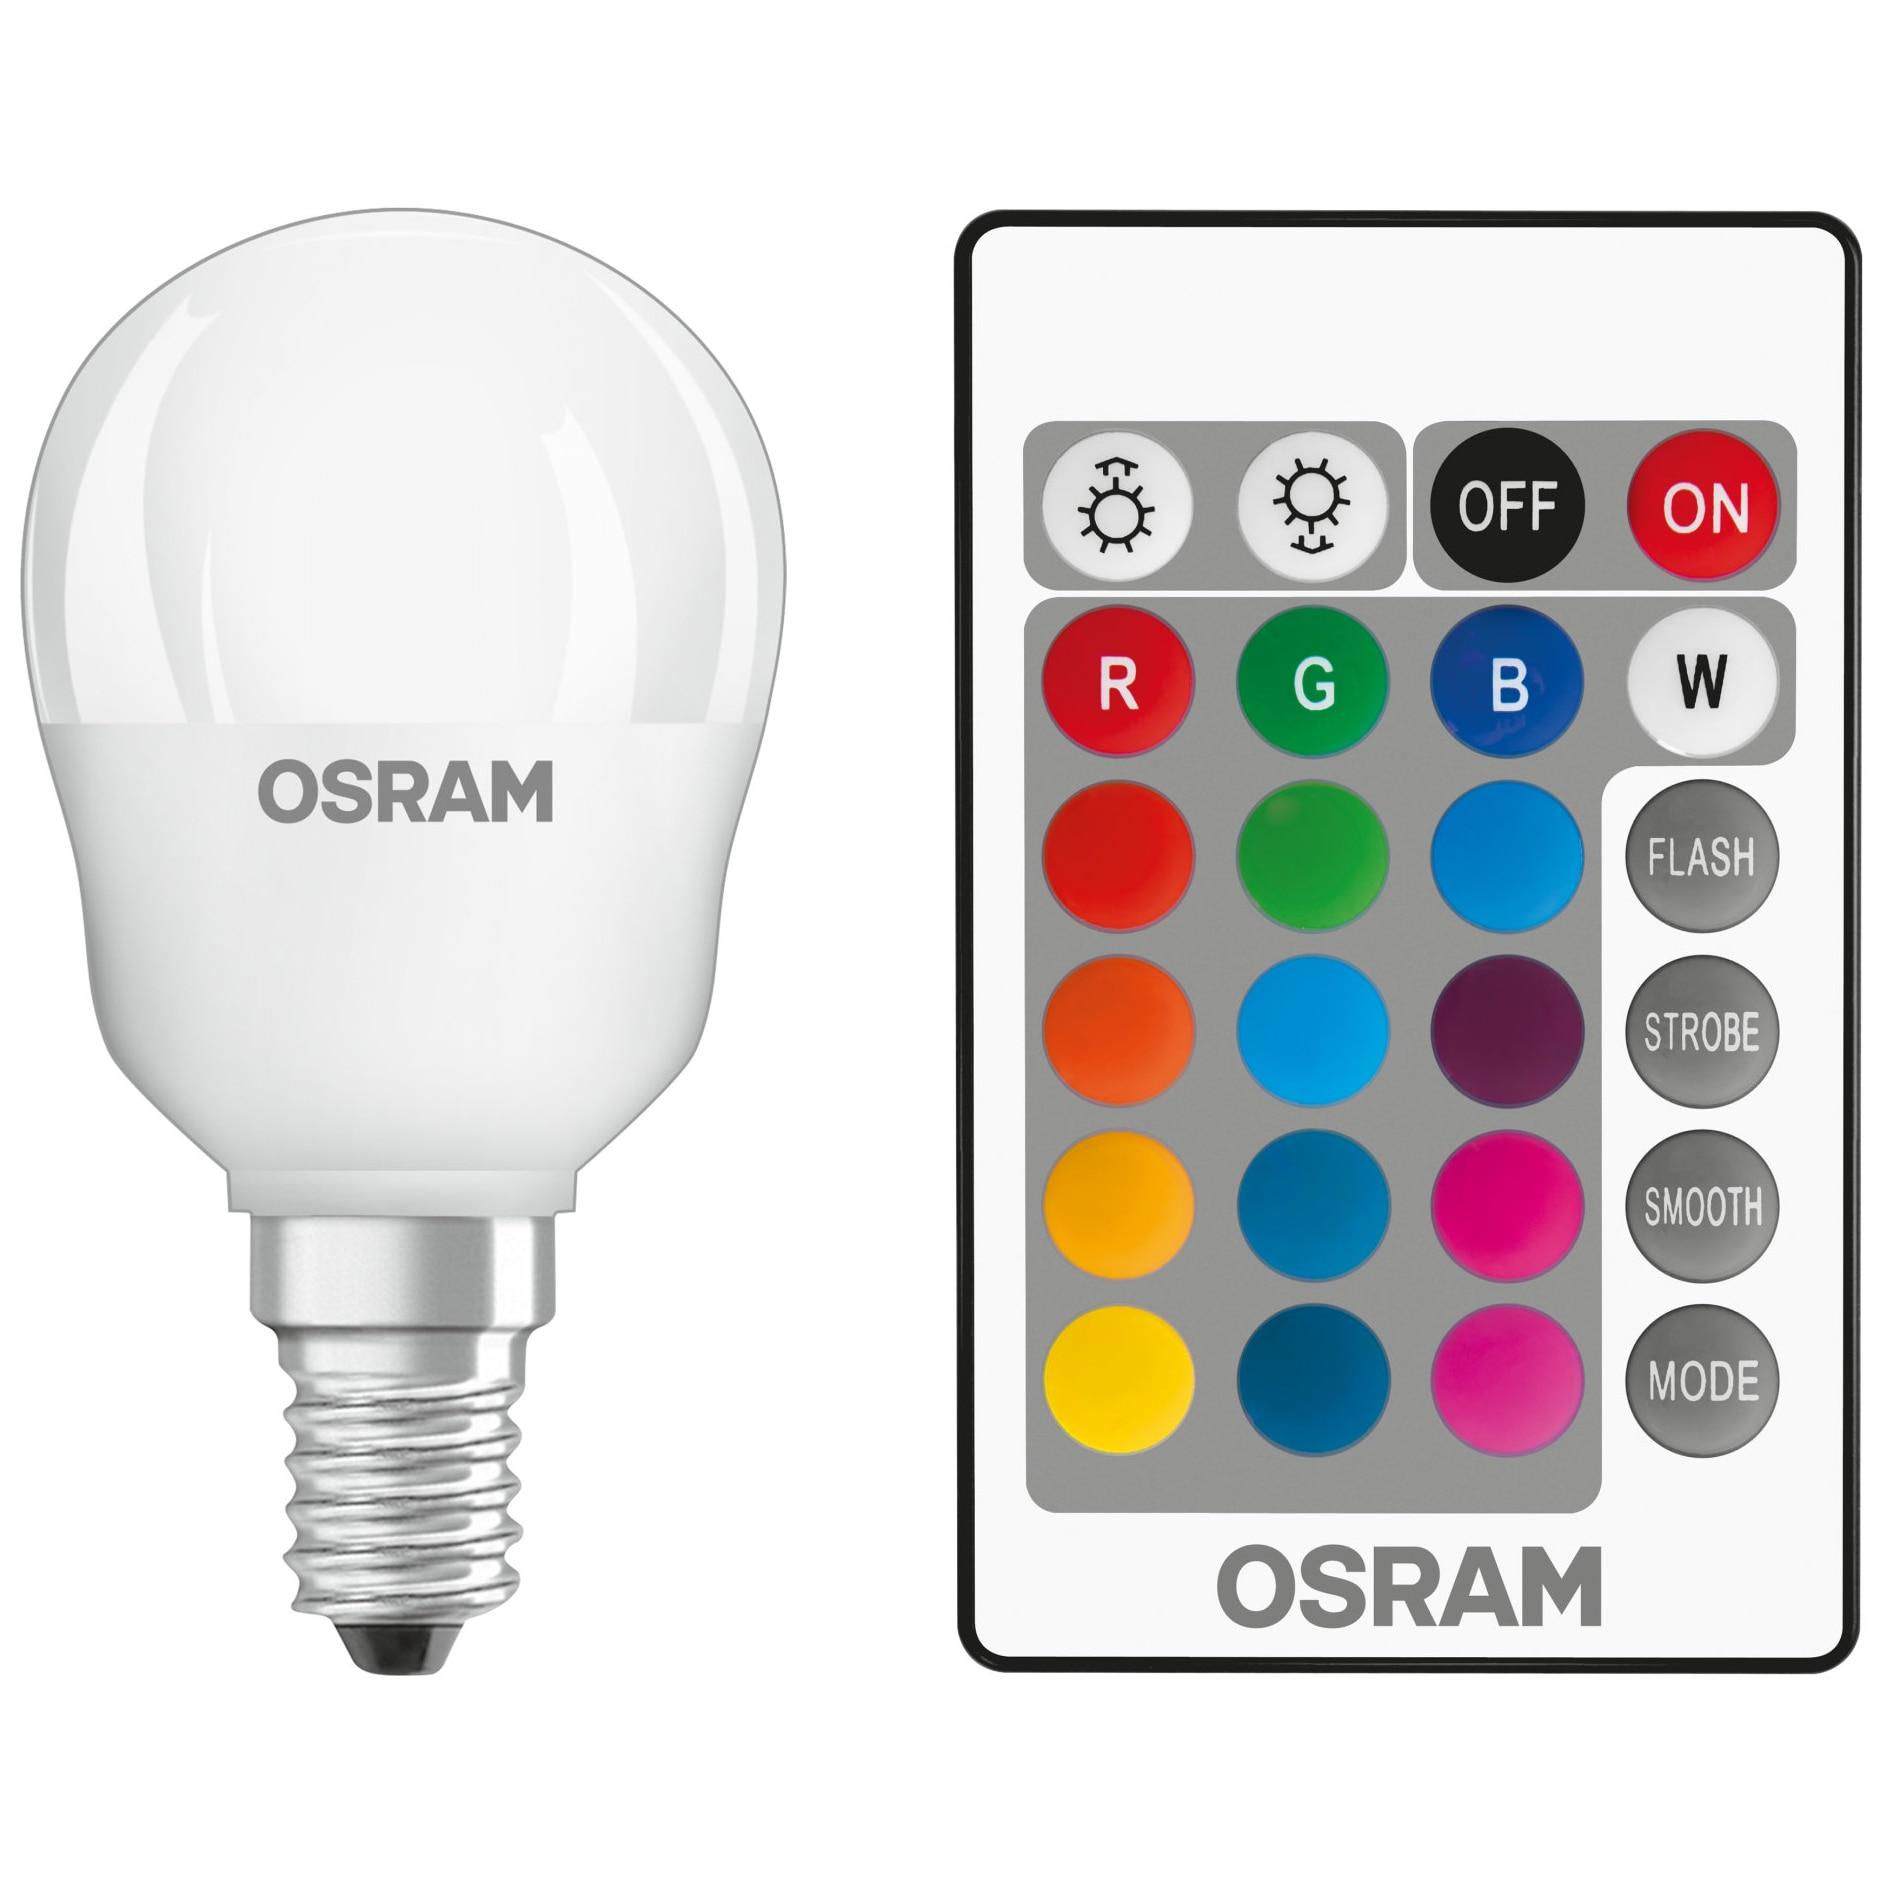 Bec LED RGBW cu telecomanda Osram Star P25, dimabil, E14, 4.5W (25W), 250 lm, A+, lumina alba si col